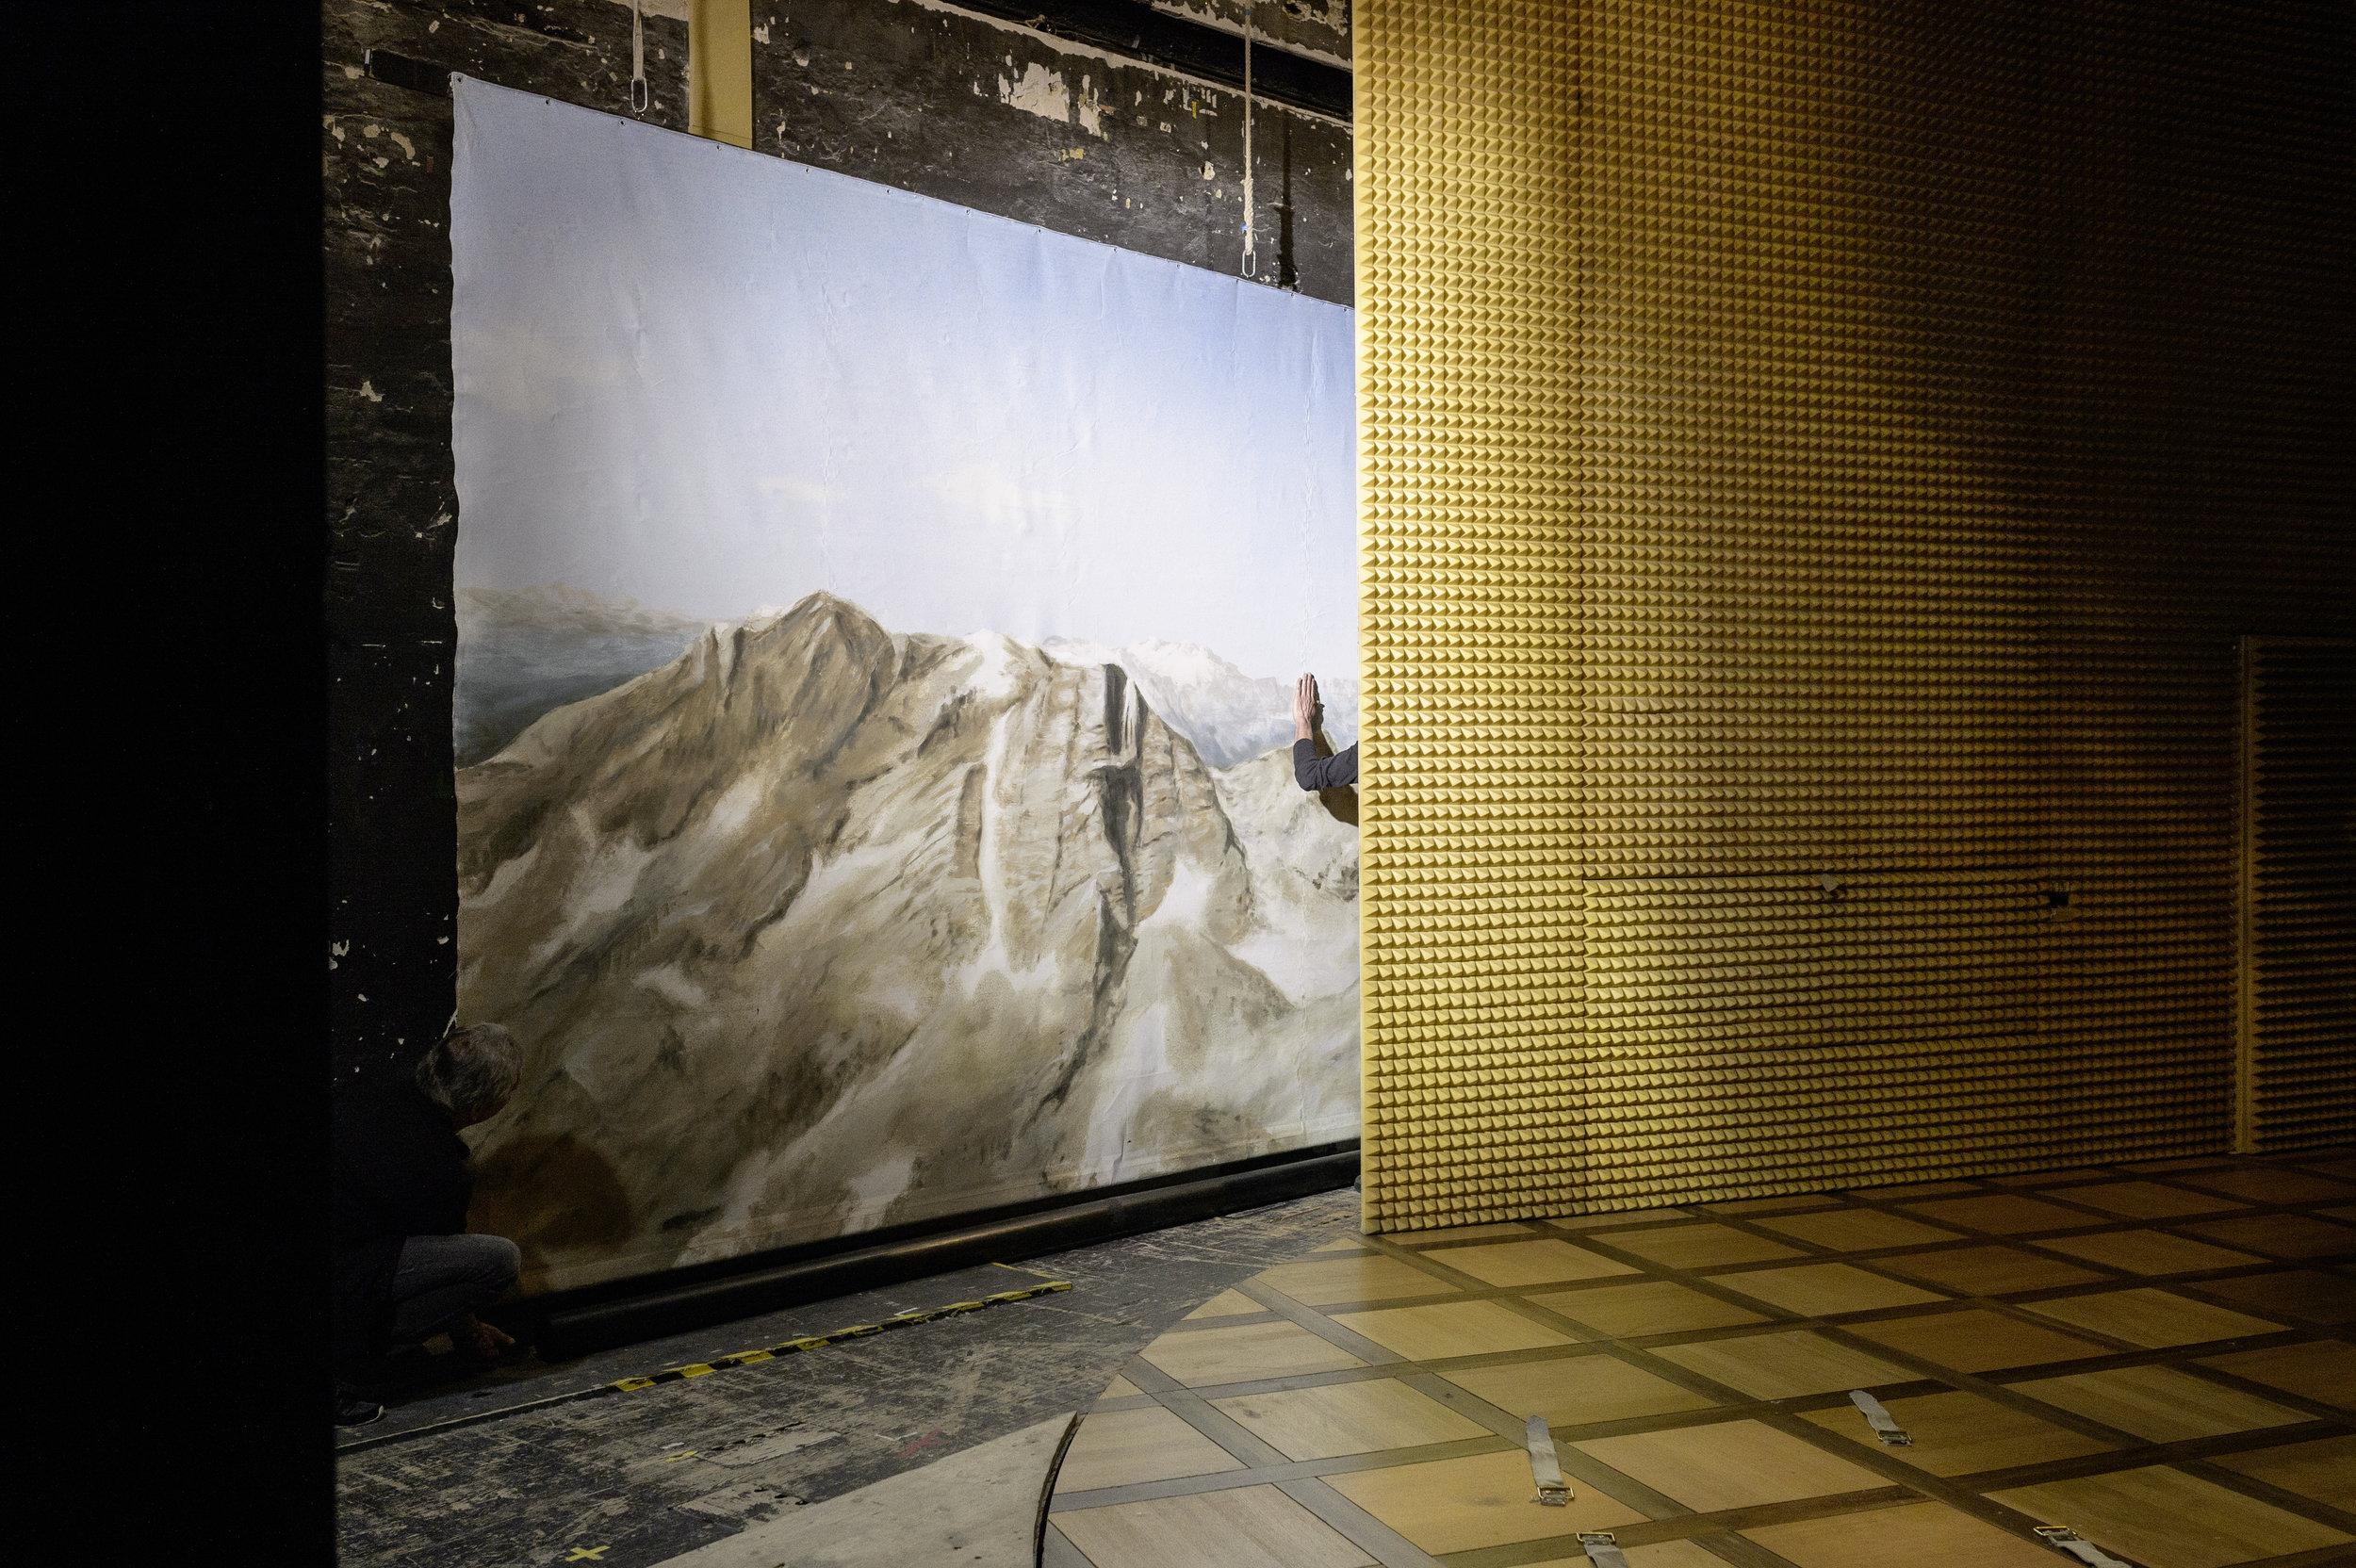 Bühnenhandwerk am Theater in der Josefstadt, Wien